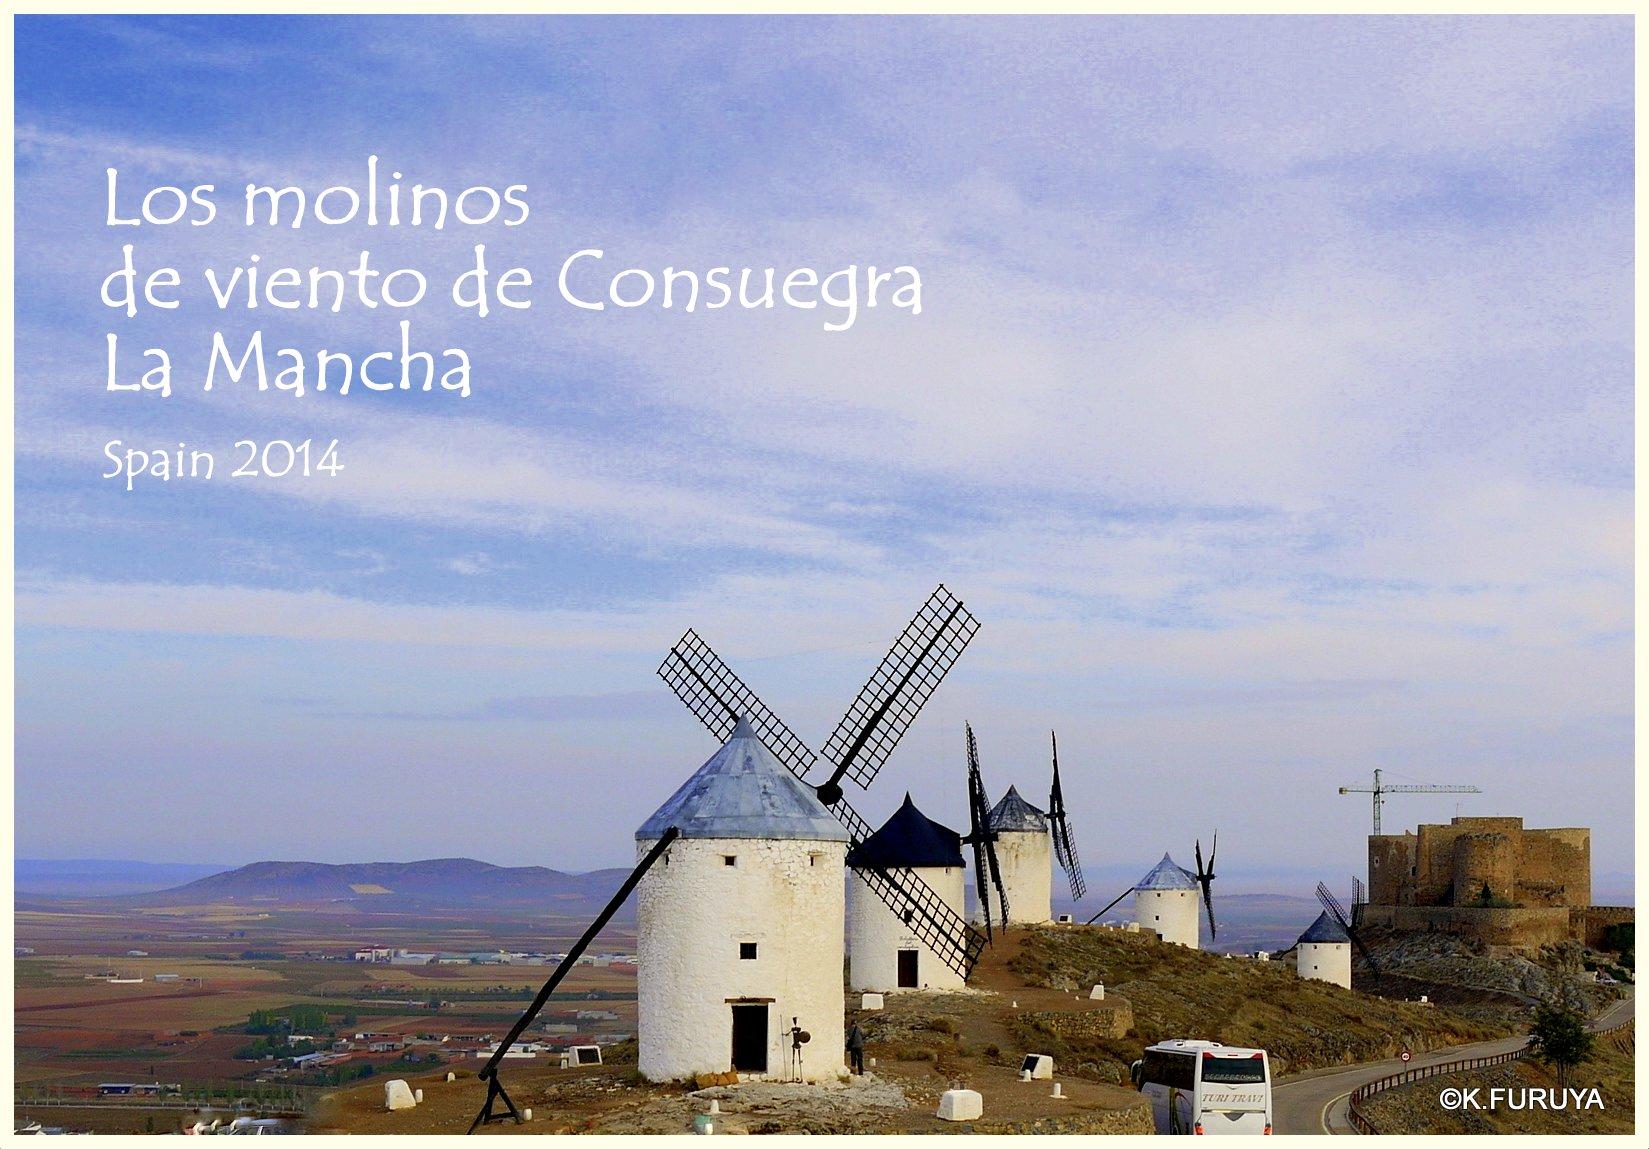 スペイン旅行記 10  ラ・マンチャ_a0092659_22523148.jpg